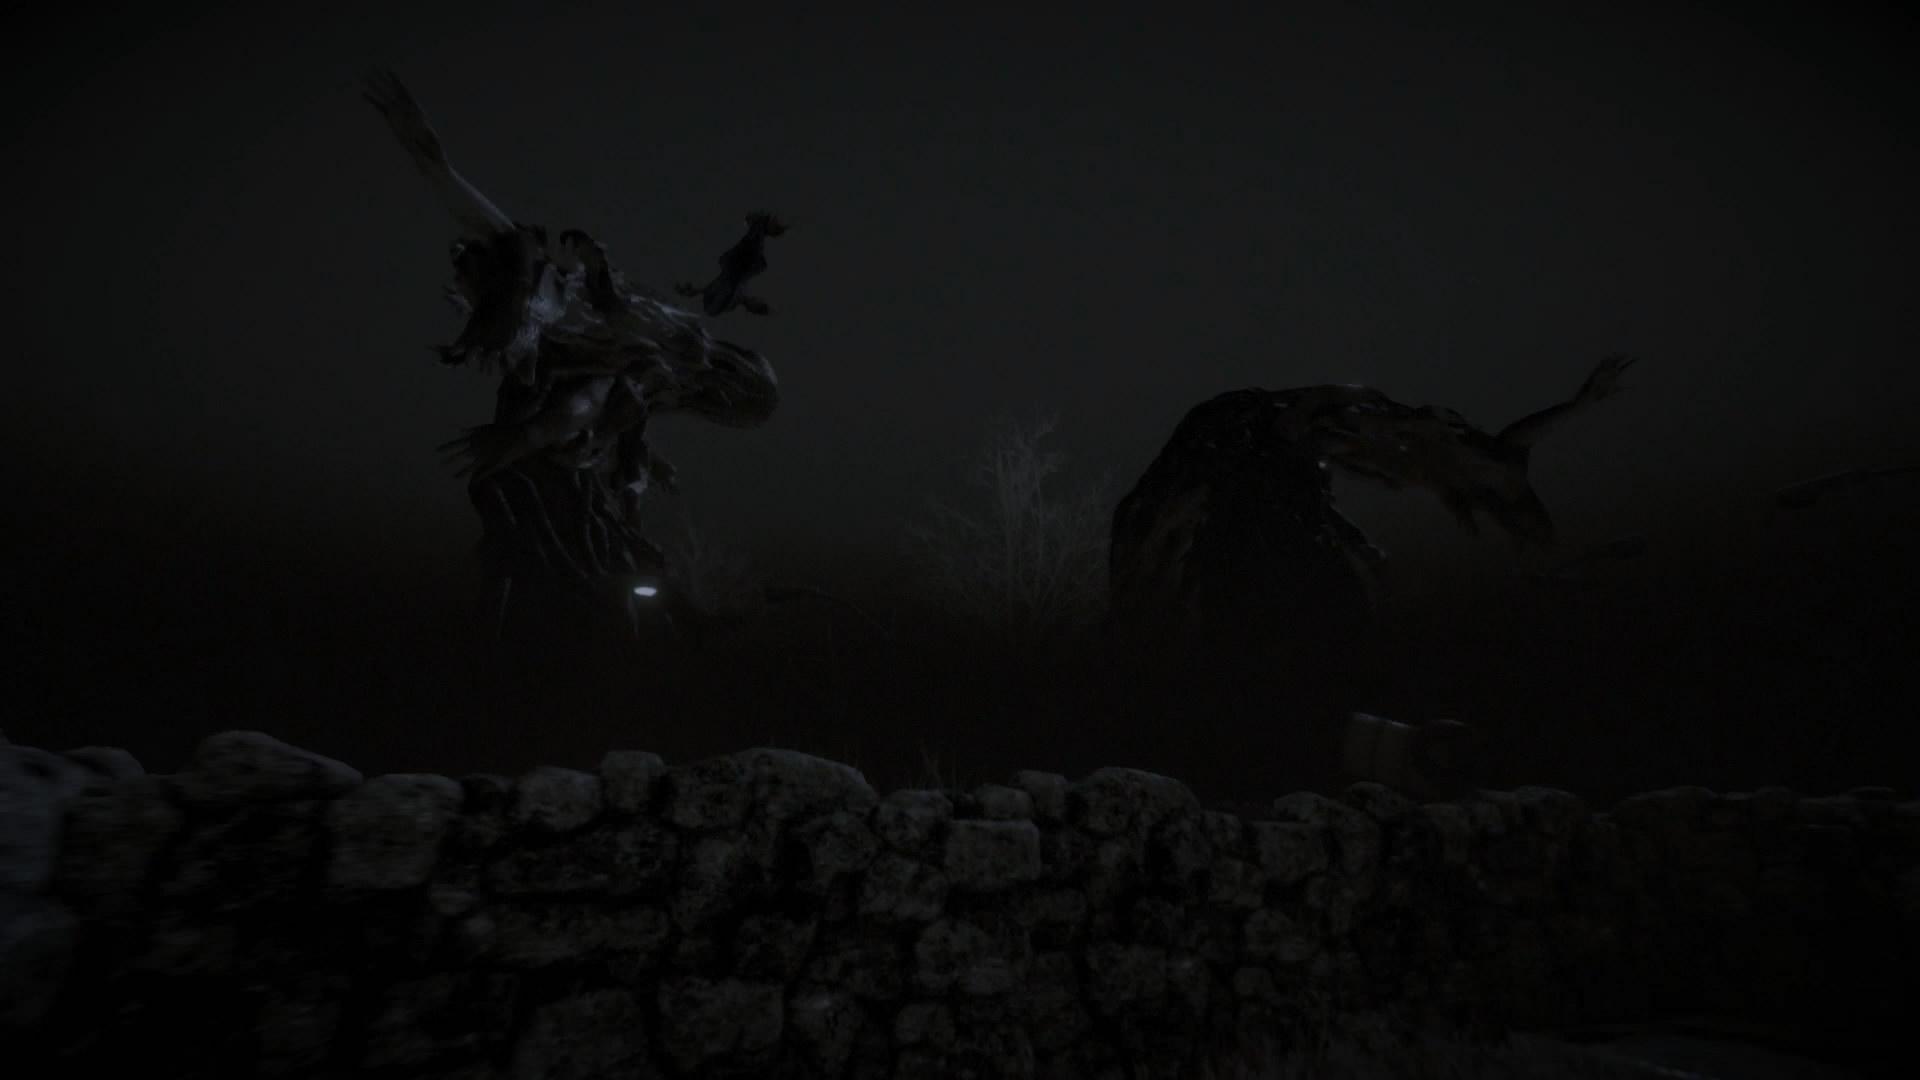 恐怖游戏《遗留之人》预告 探索荒凉而诡异的小镇